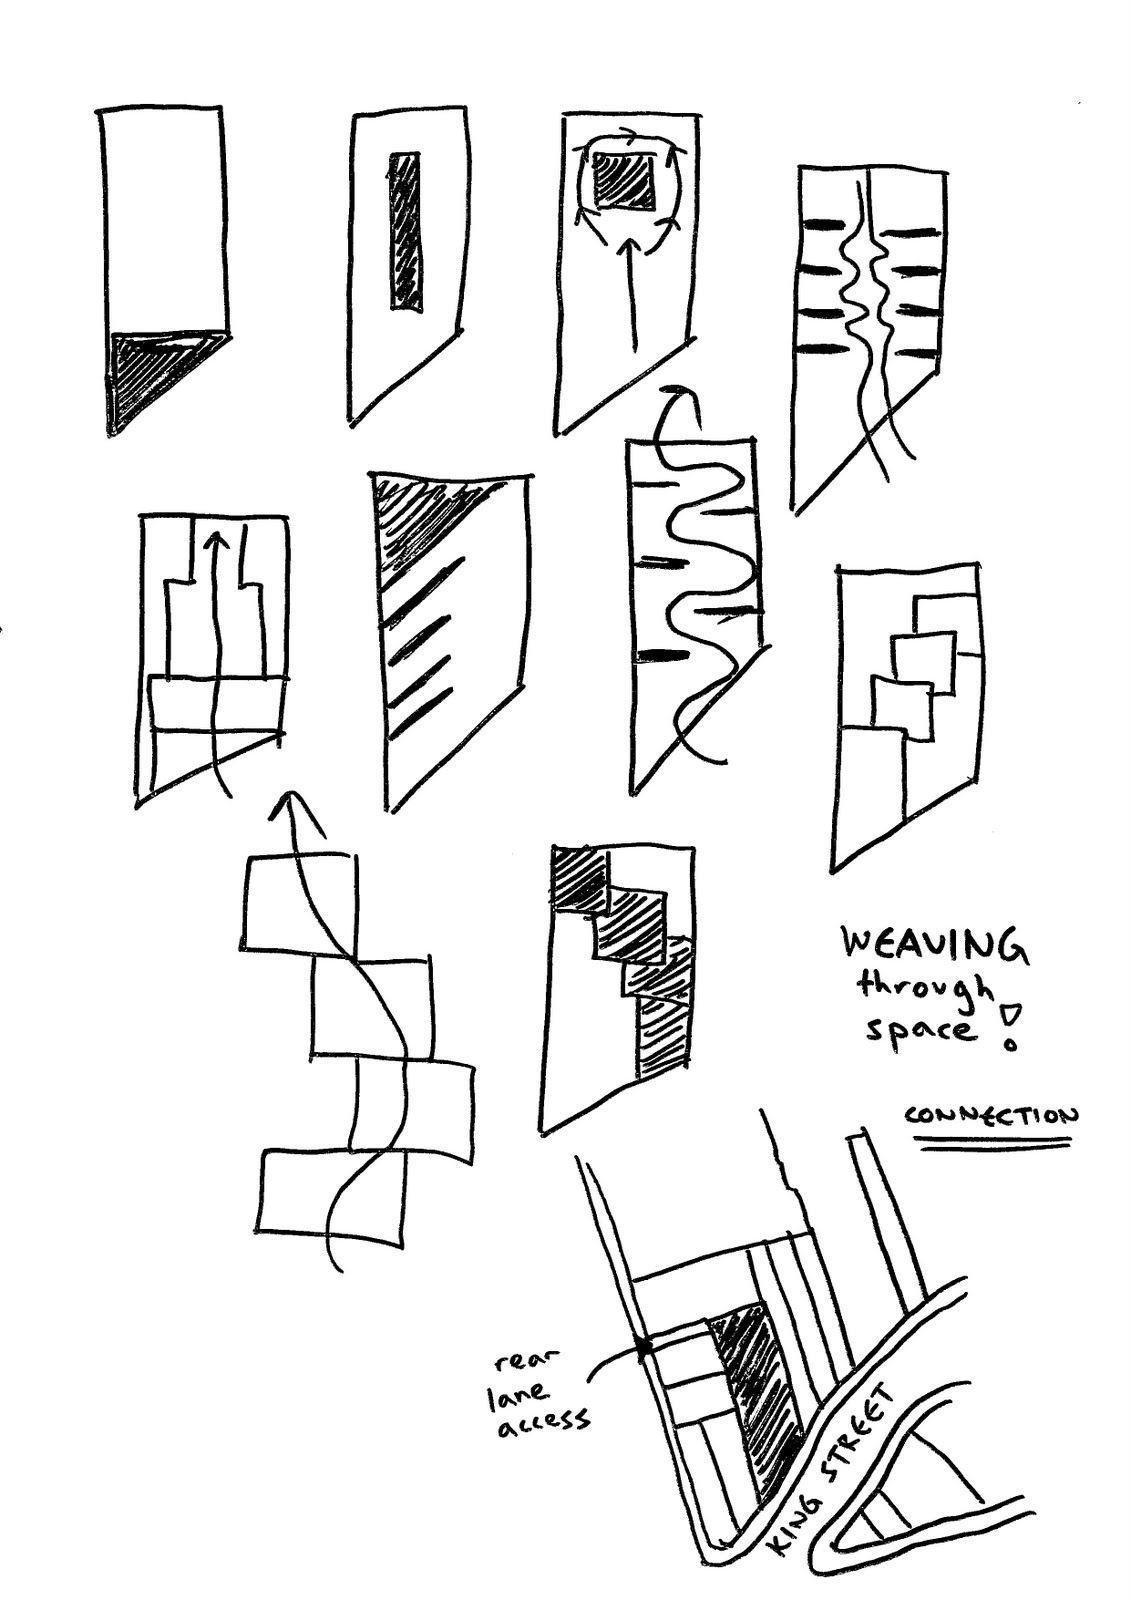 Circulation Sketchs Sketch